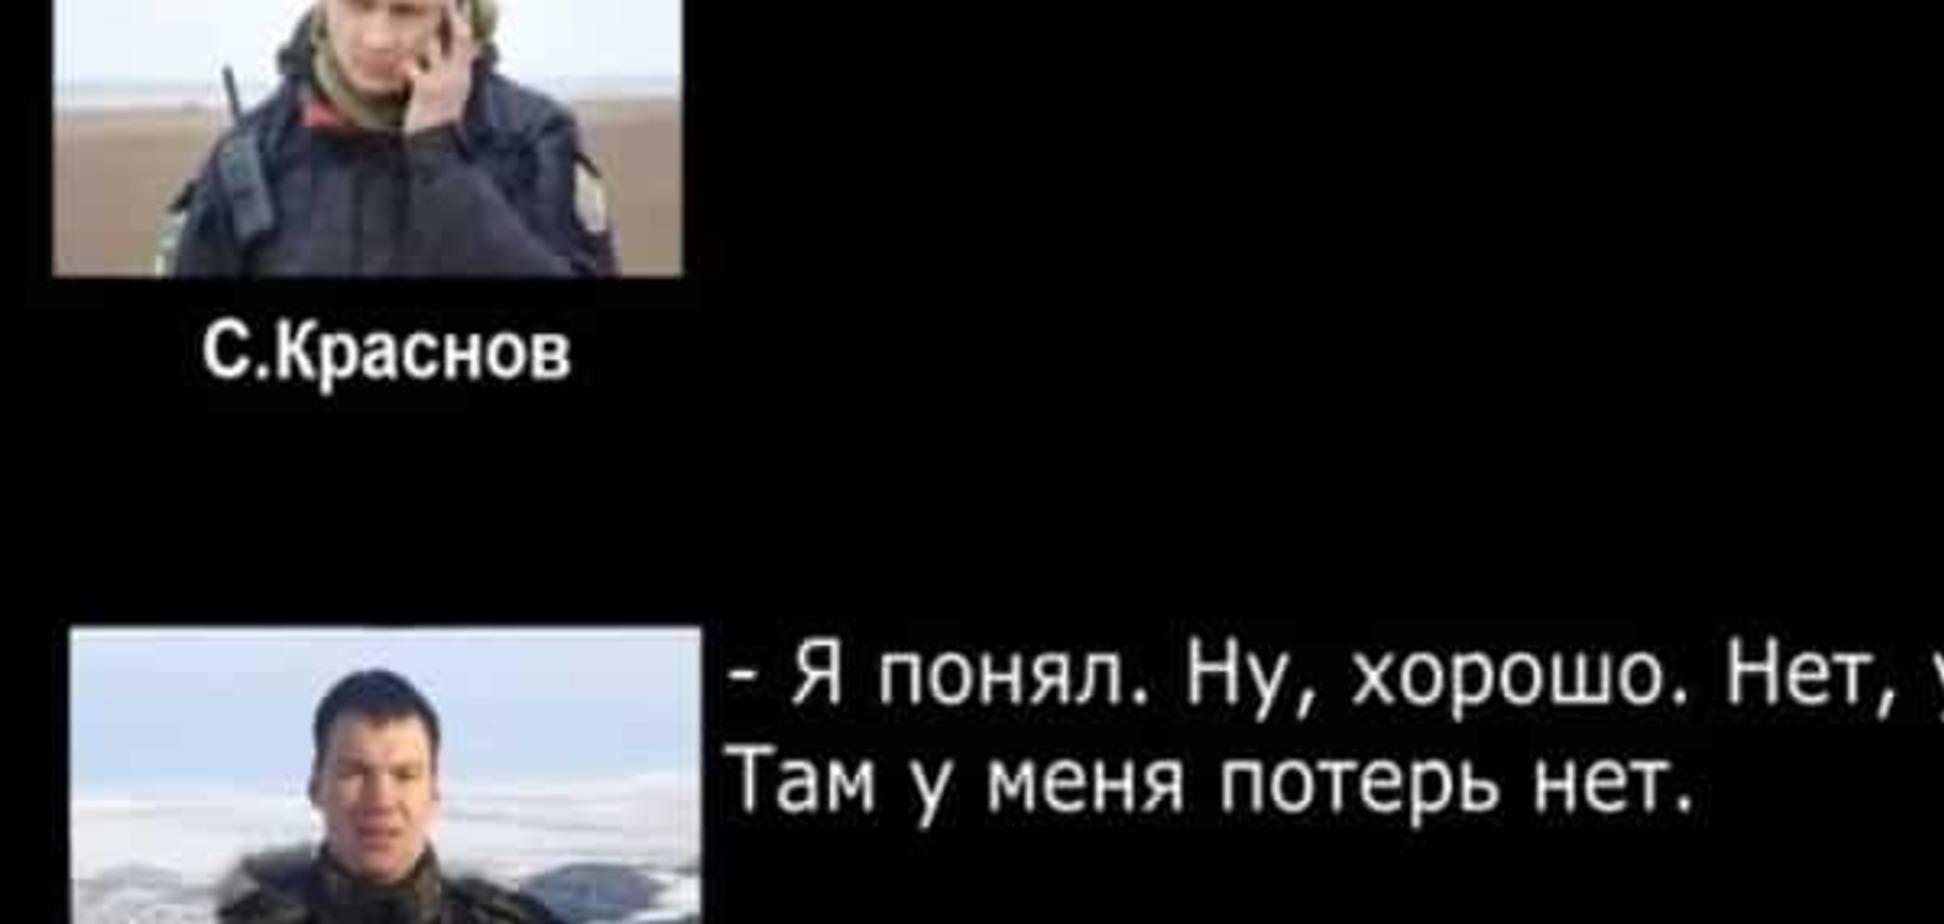 СБУ обнародовала новые доказательства госизмены Краснова: опубликовано видео